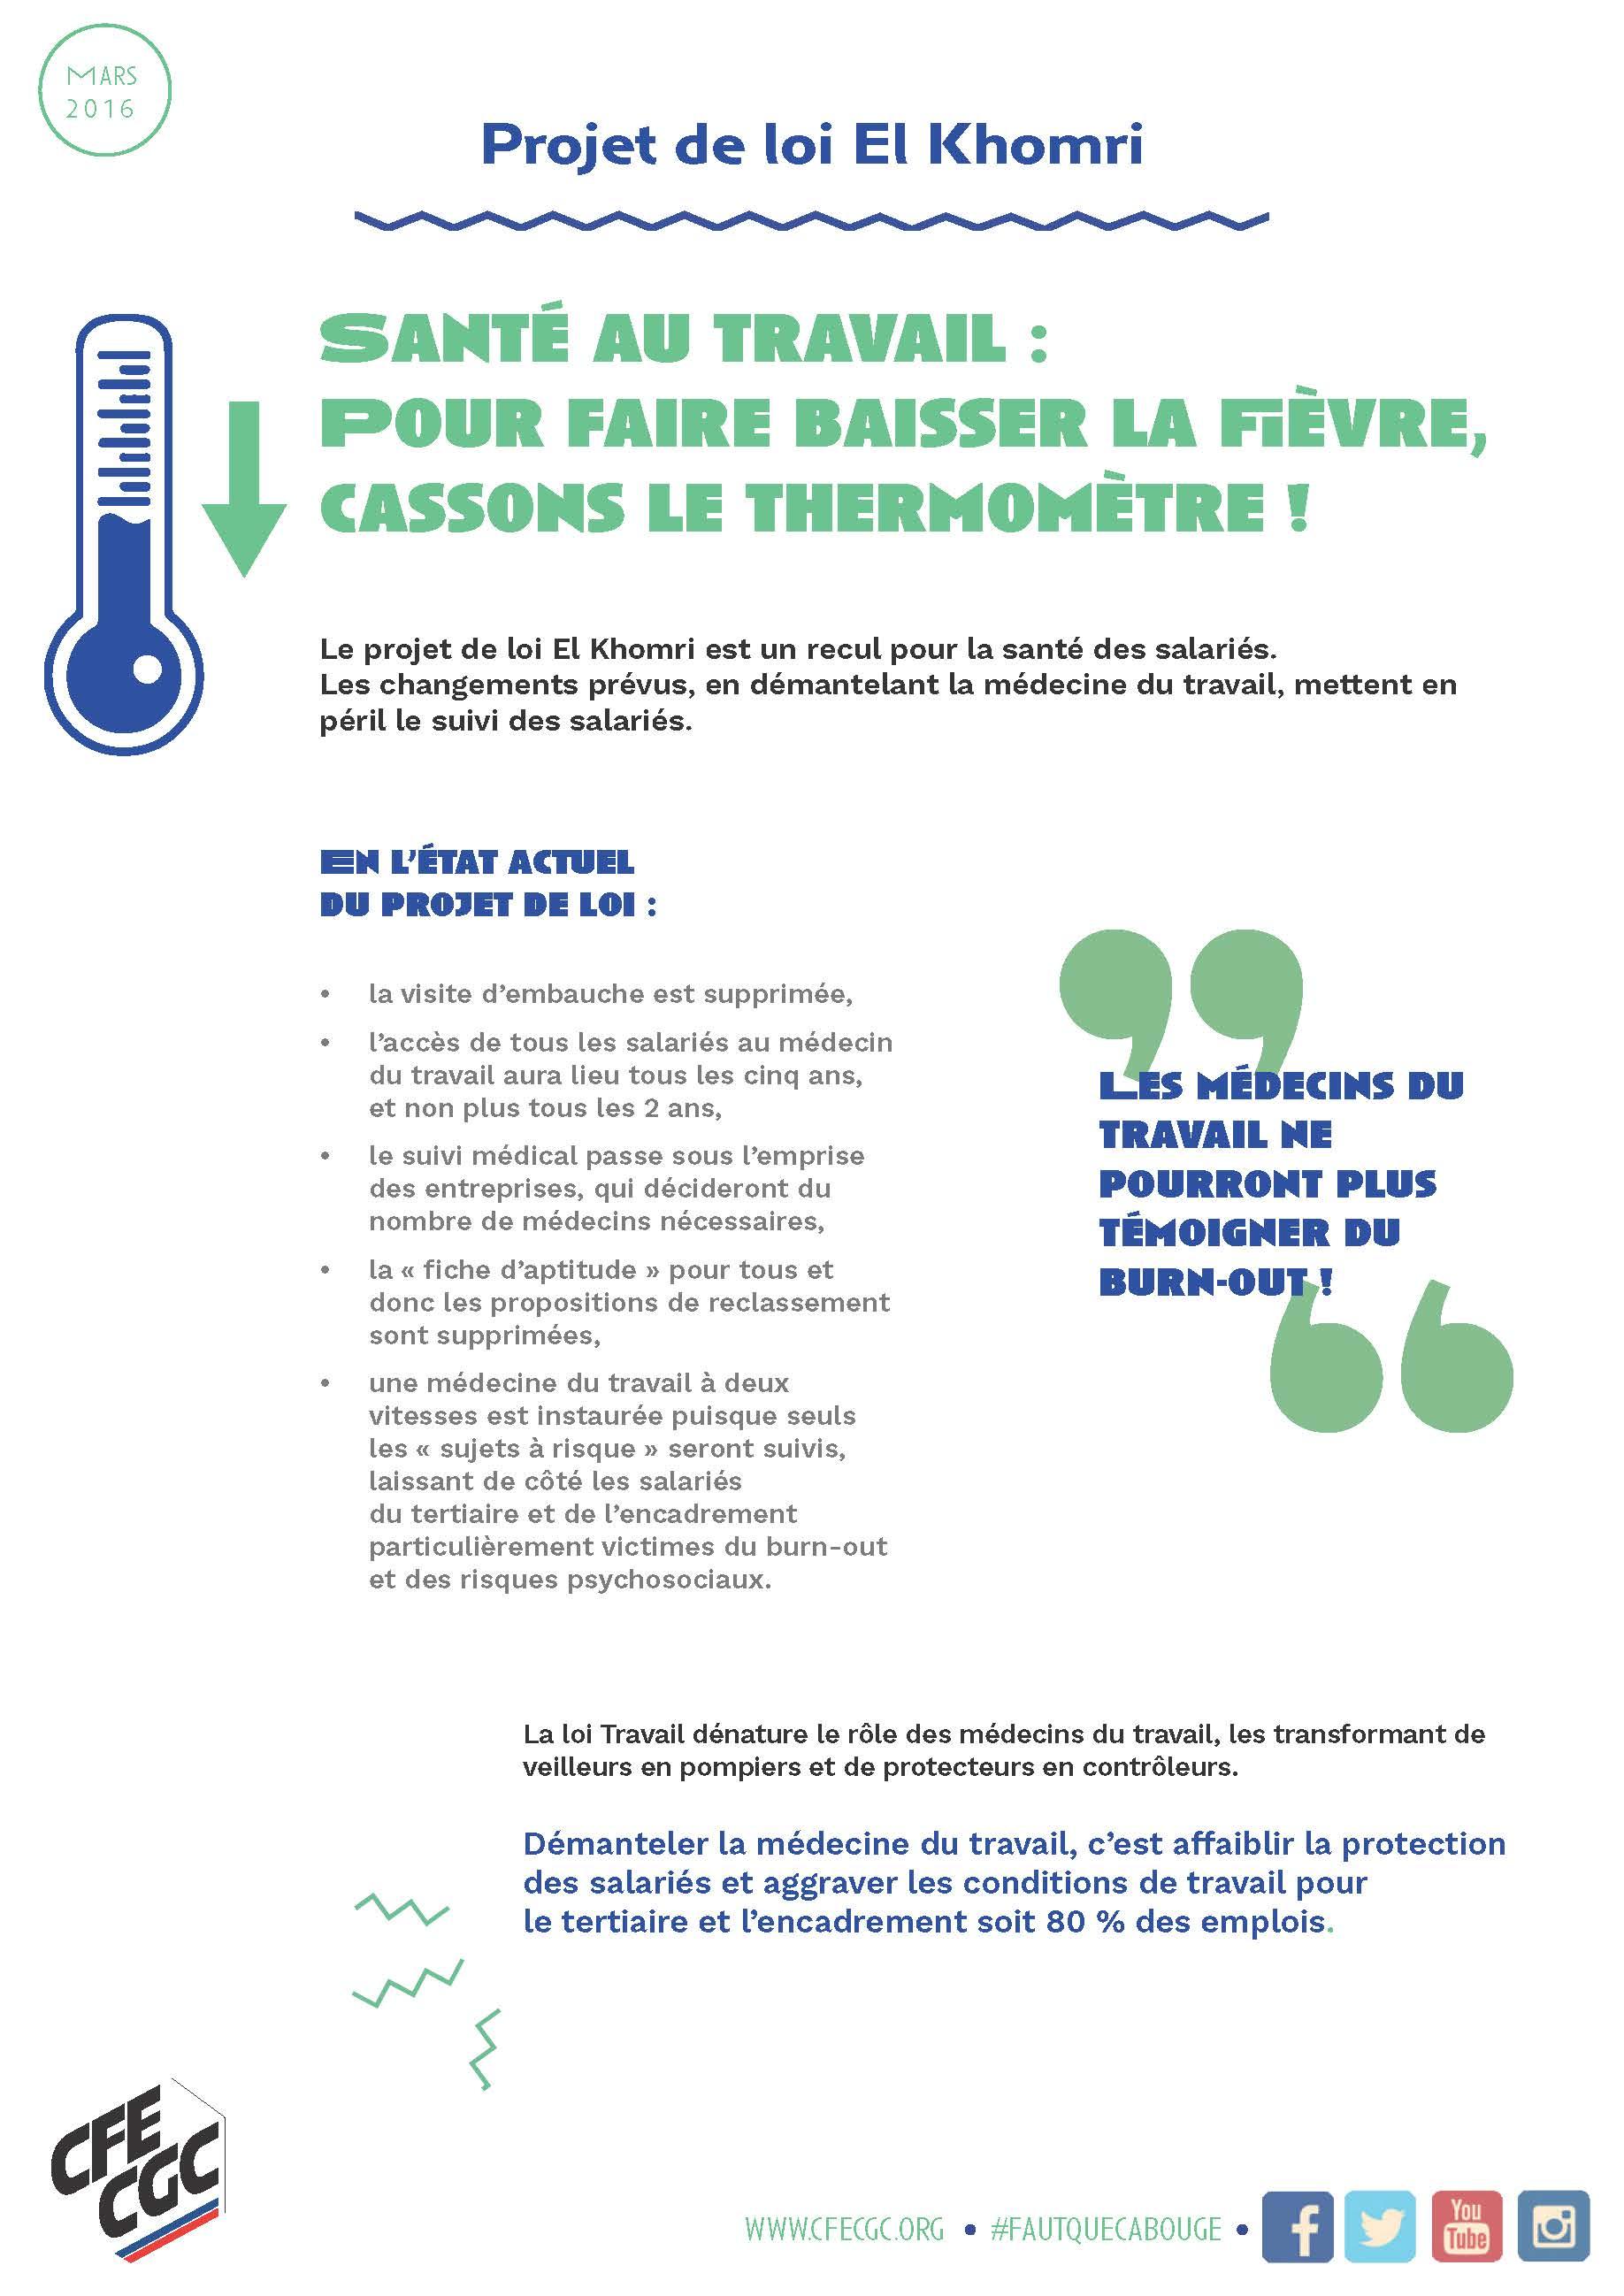 6. TRACT - SANTE AU TRAVAIL - POUR FAIRE BAISSER LA FIEVRE CASSONS LE THERMOMETRE